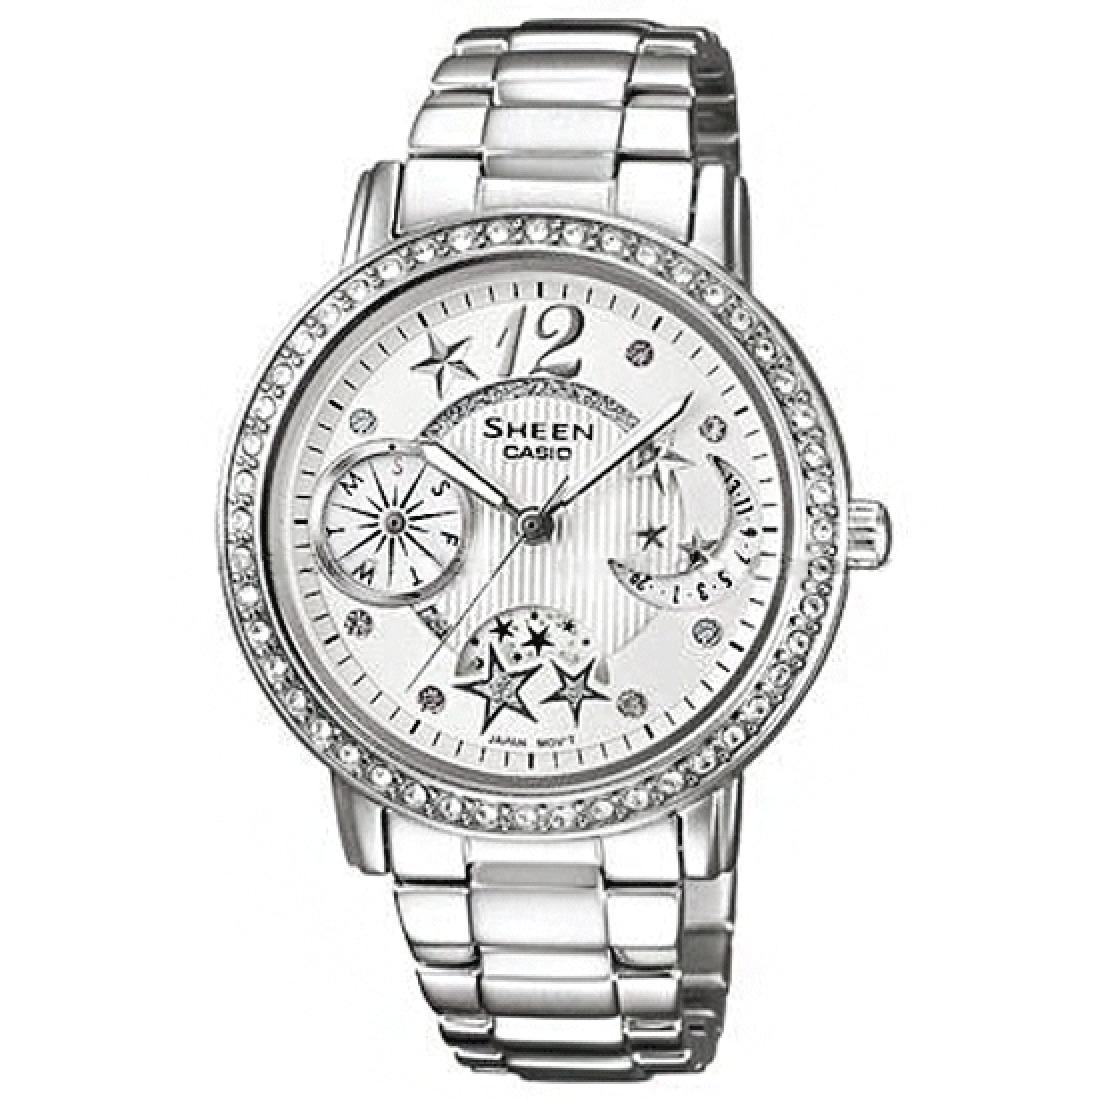 0878edd77820 reloj casio edifice mujer shn-3019d-7a envío internacional. Cargando zoom.